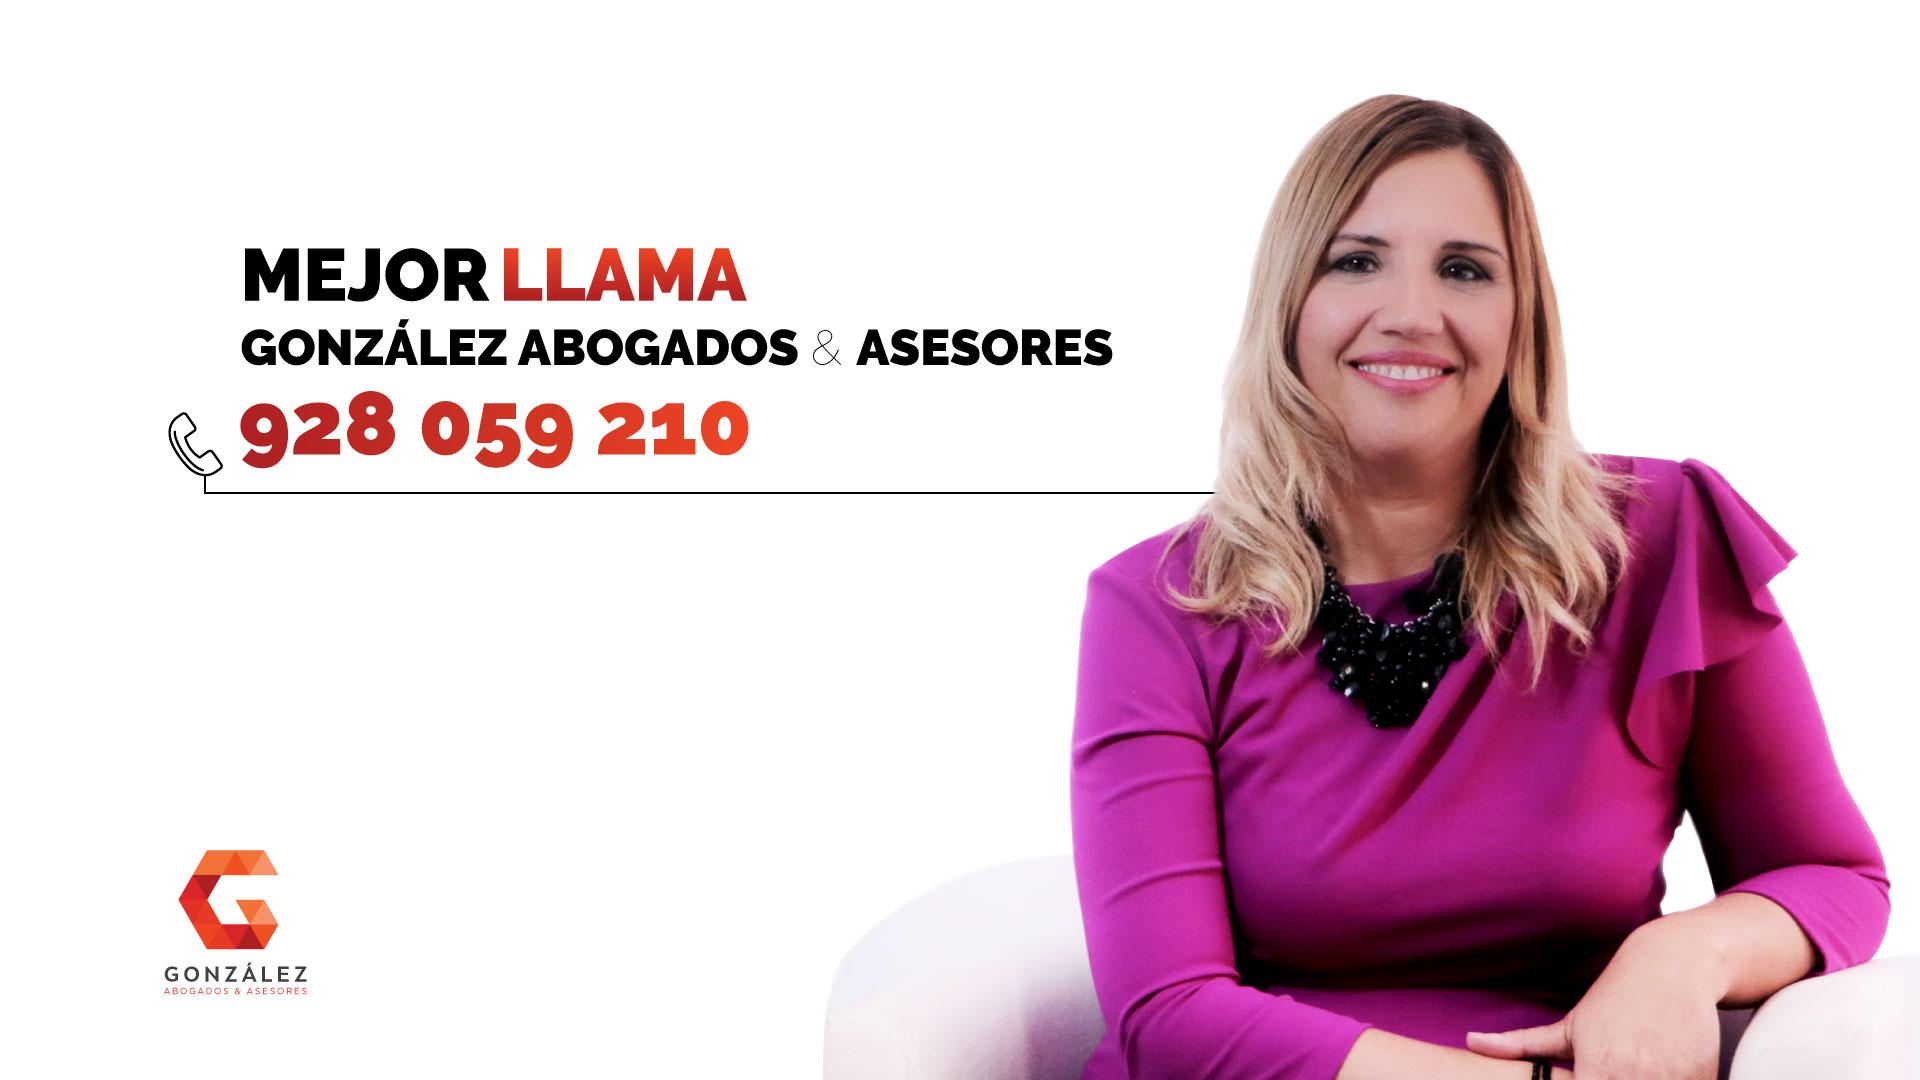 Renta 2018 Mejor llama a González Abogados y Asesores. Cuota de autónomos